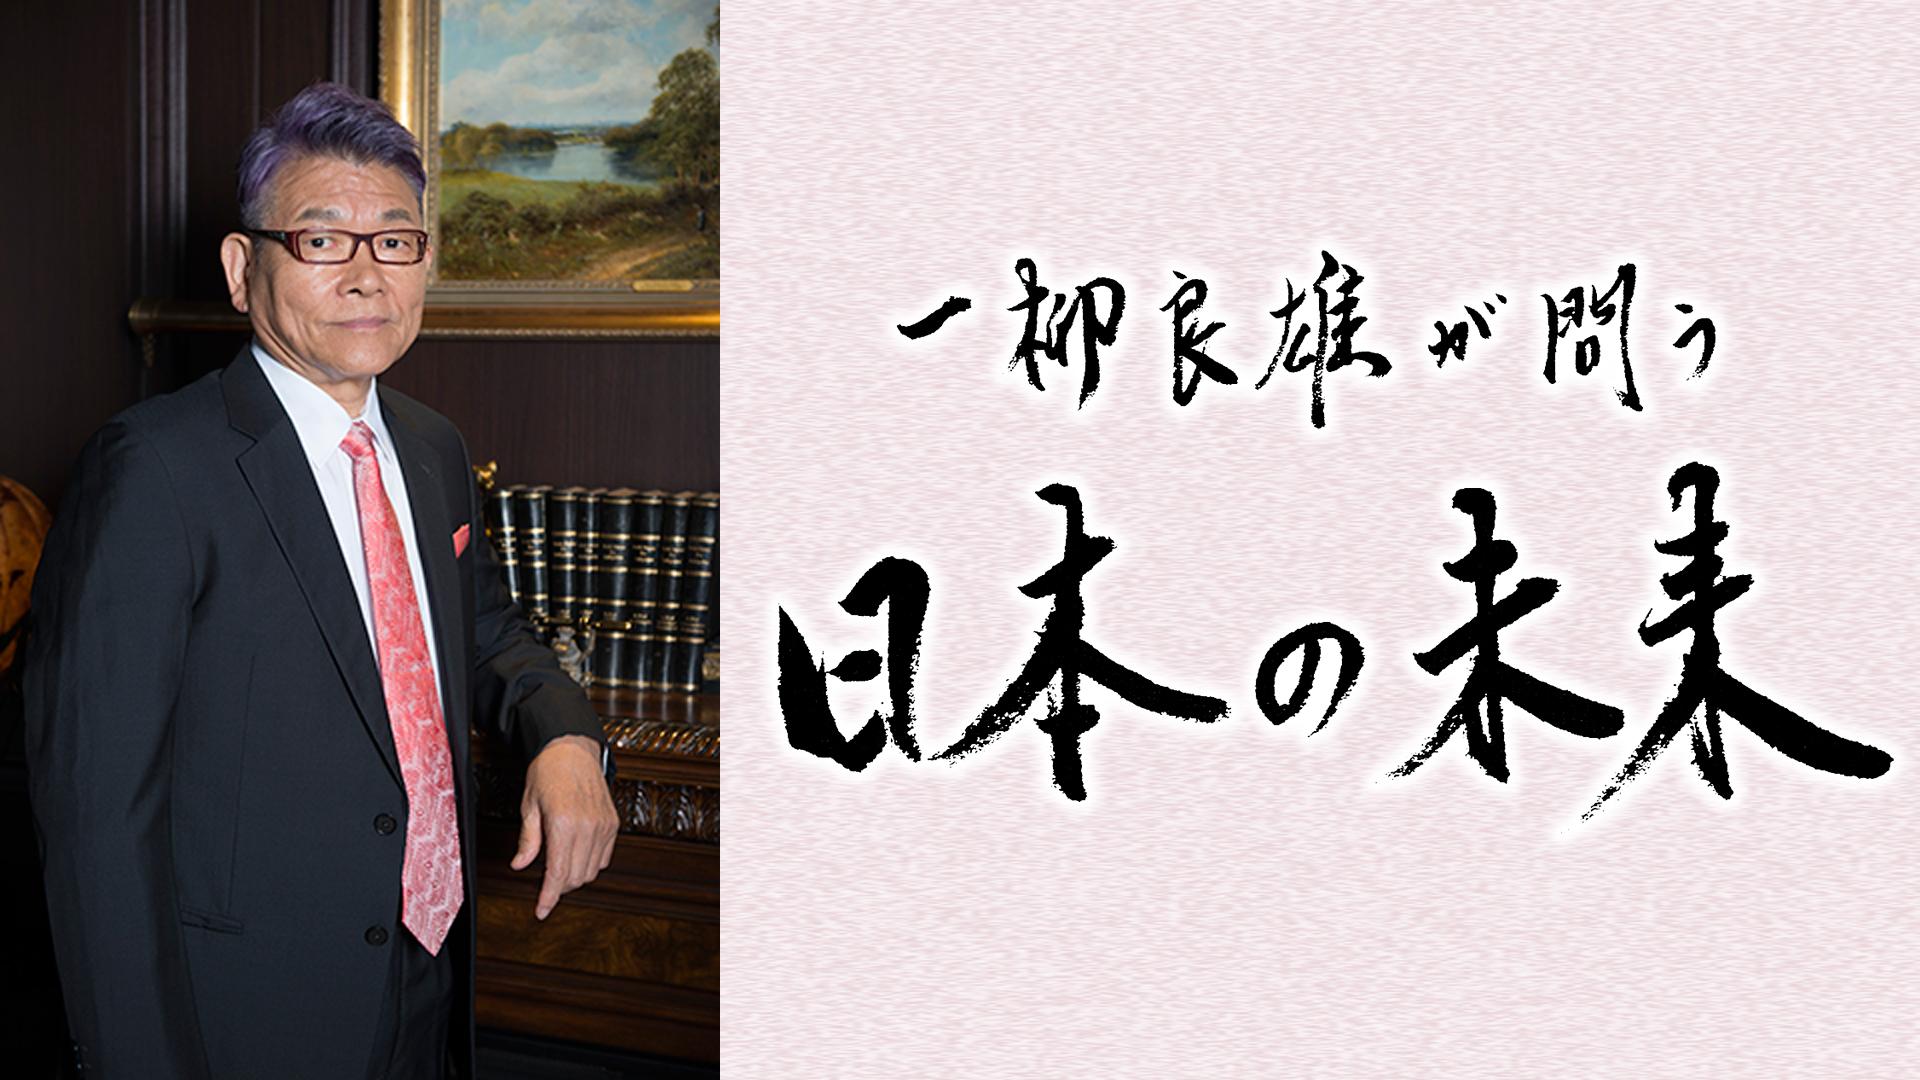 無料テレビで一柳良雄が問う 日本の未来を視聴する